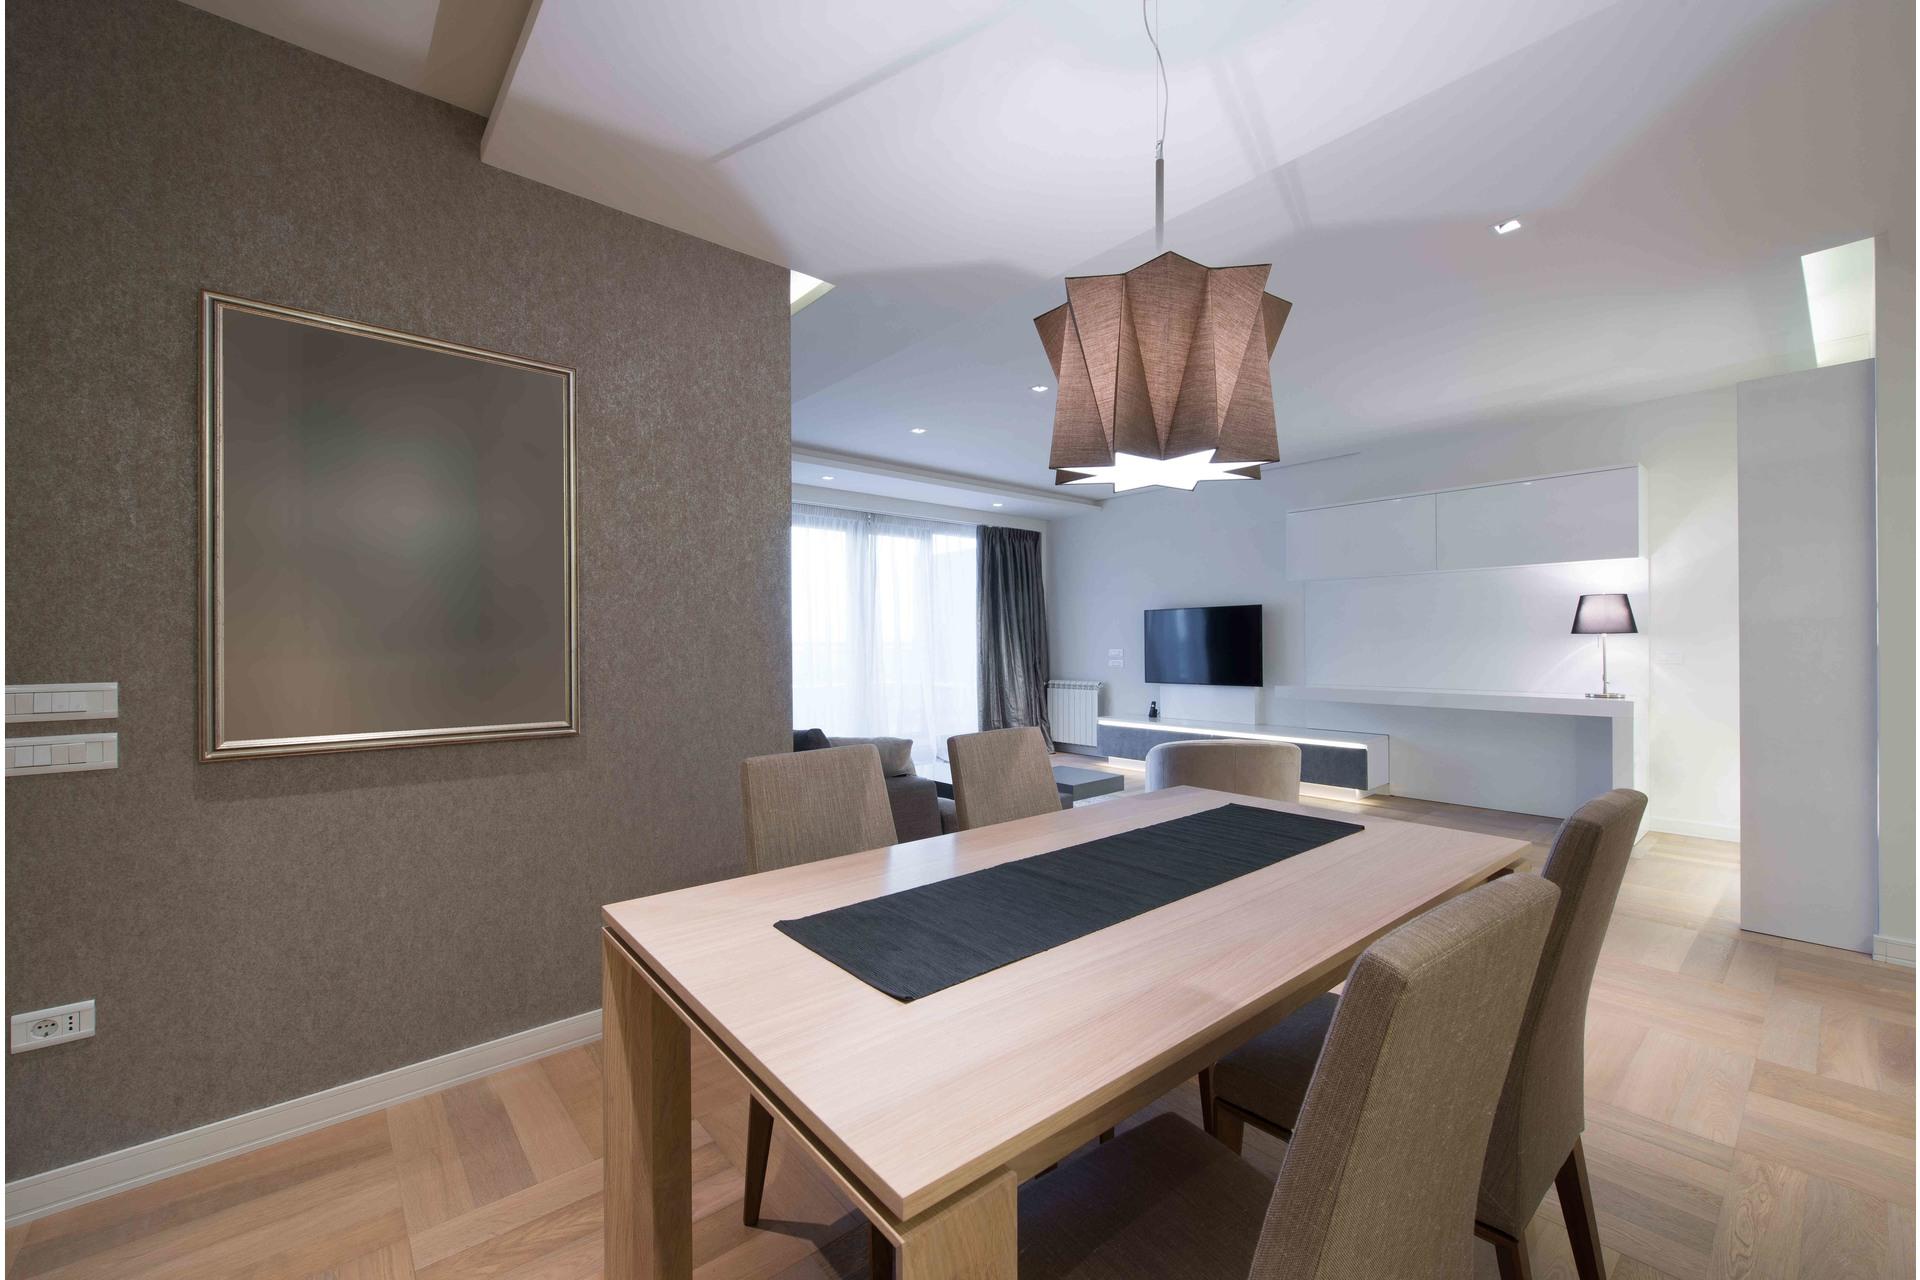 image 3 - Apartment For sale Montréal Verdun - 6 rooms